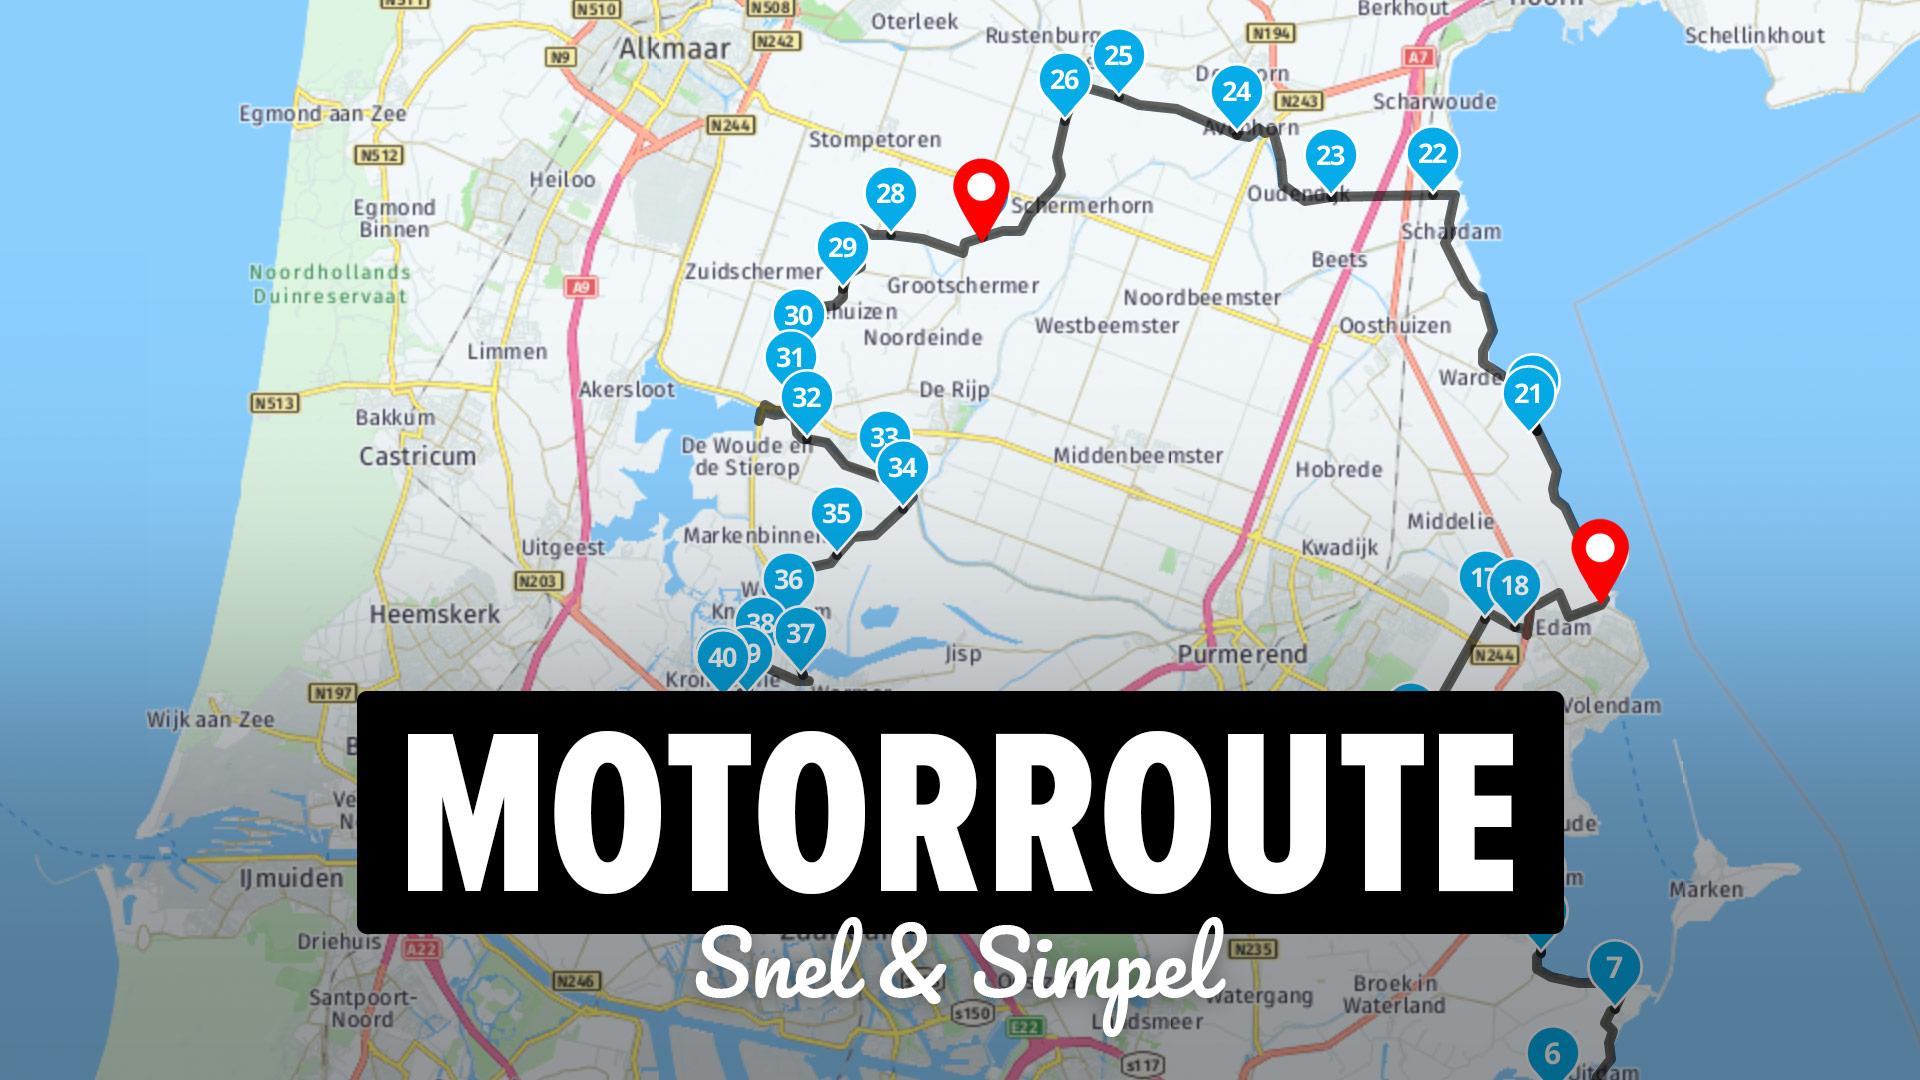 Hoe maak je een motorroute in MyRoute-App?